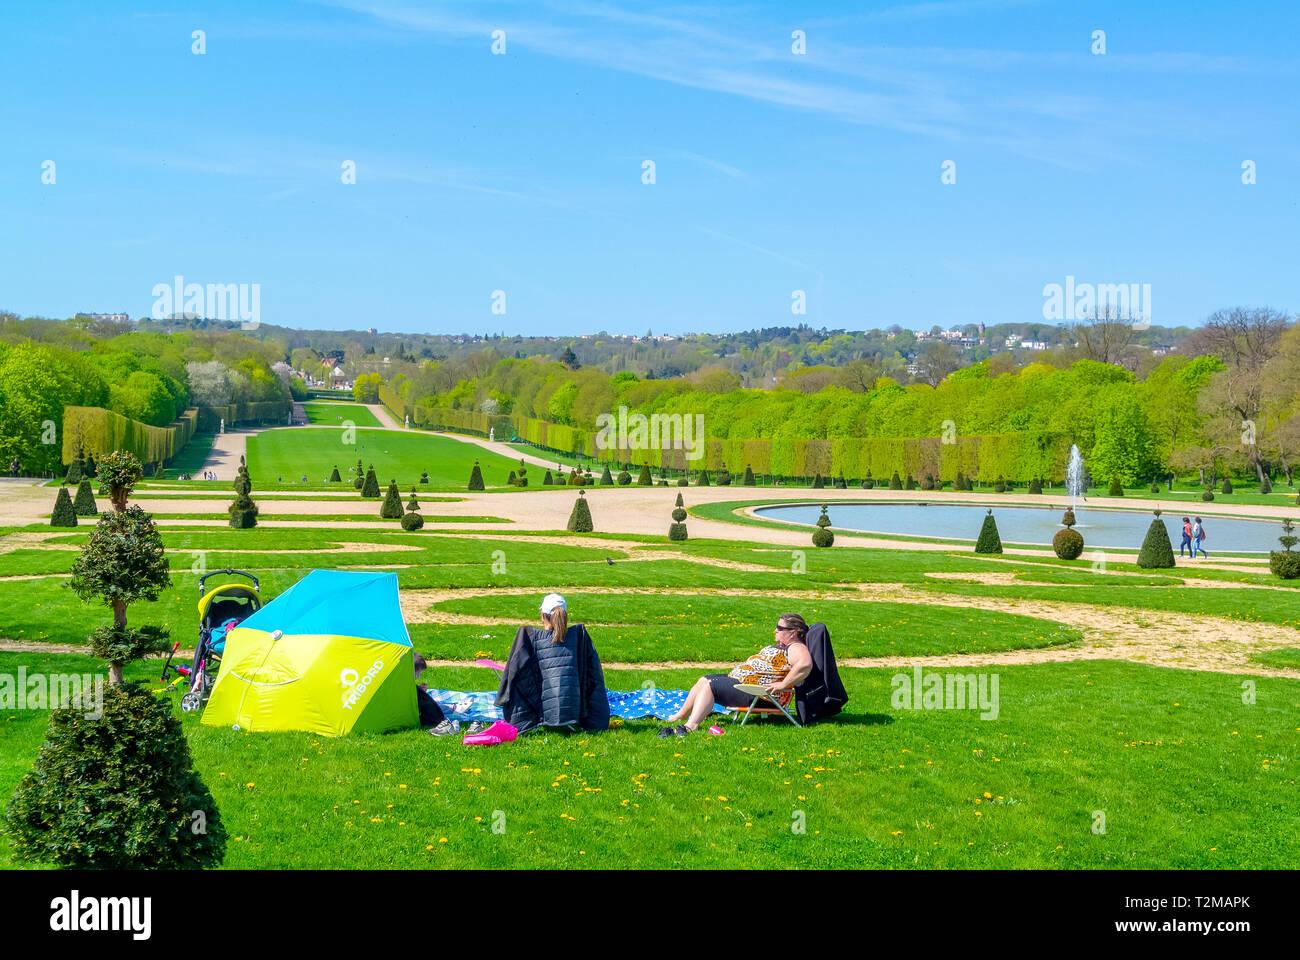 parc de sceaux, haut de seine, france - Stock Image